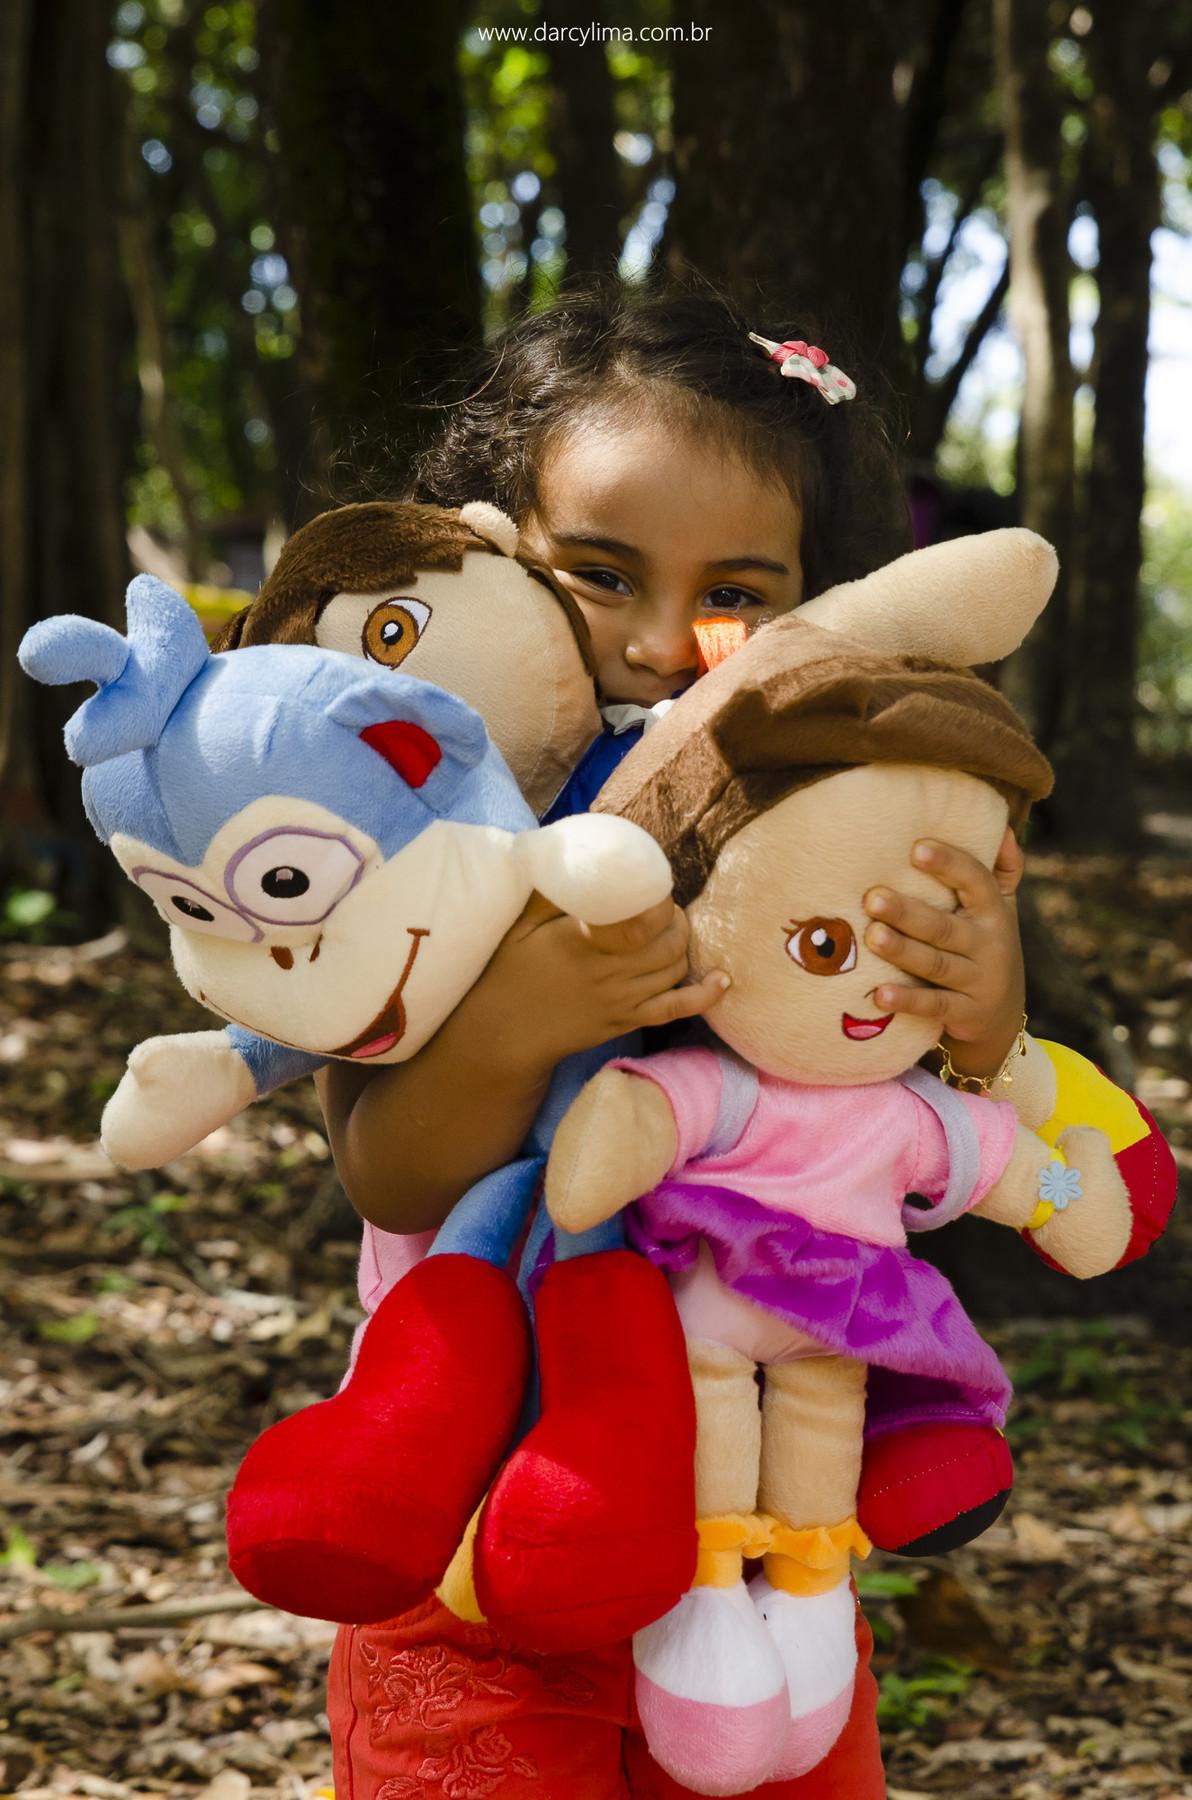 retrato de alice na floresta do bosque dos sonhos com seu bonecos da Dora Aventureira